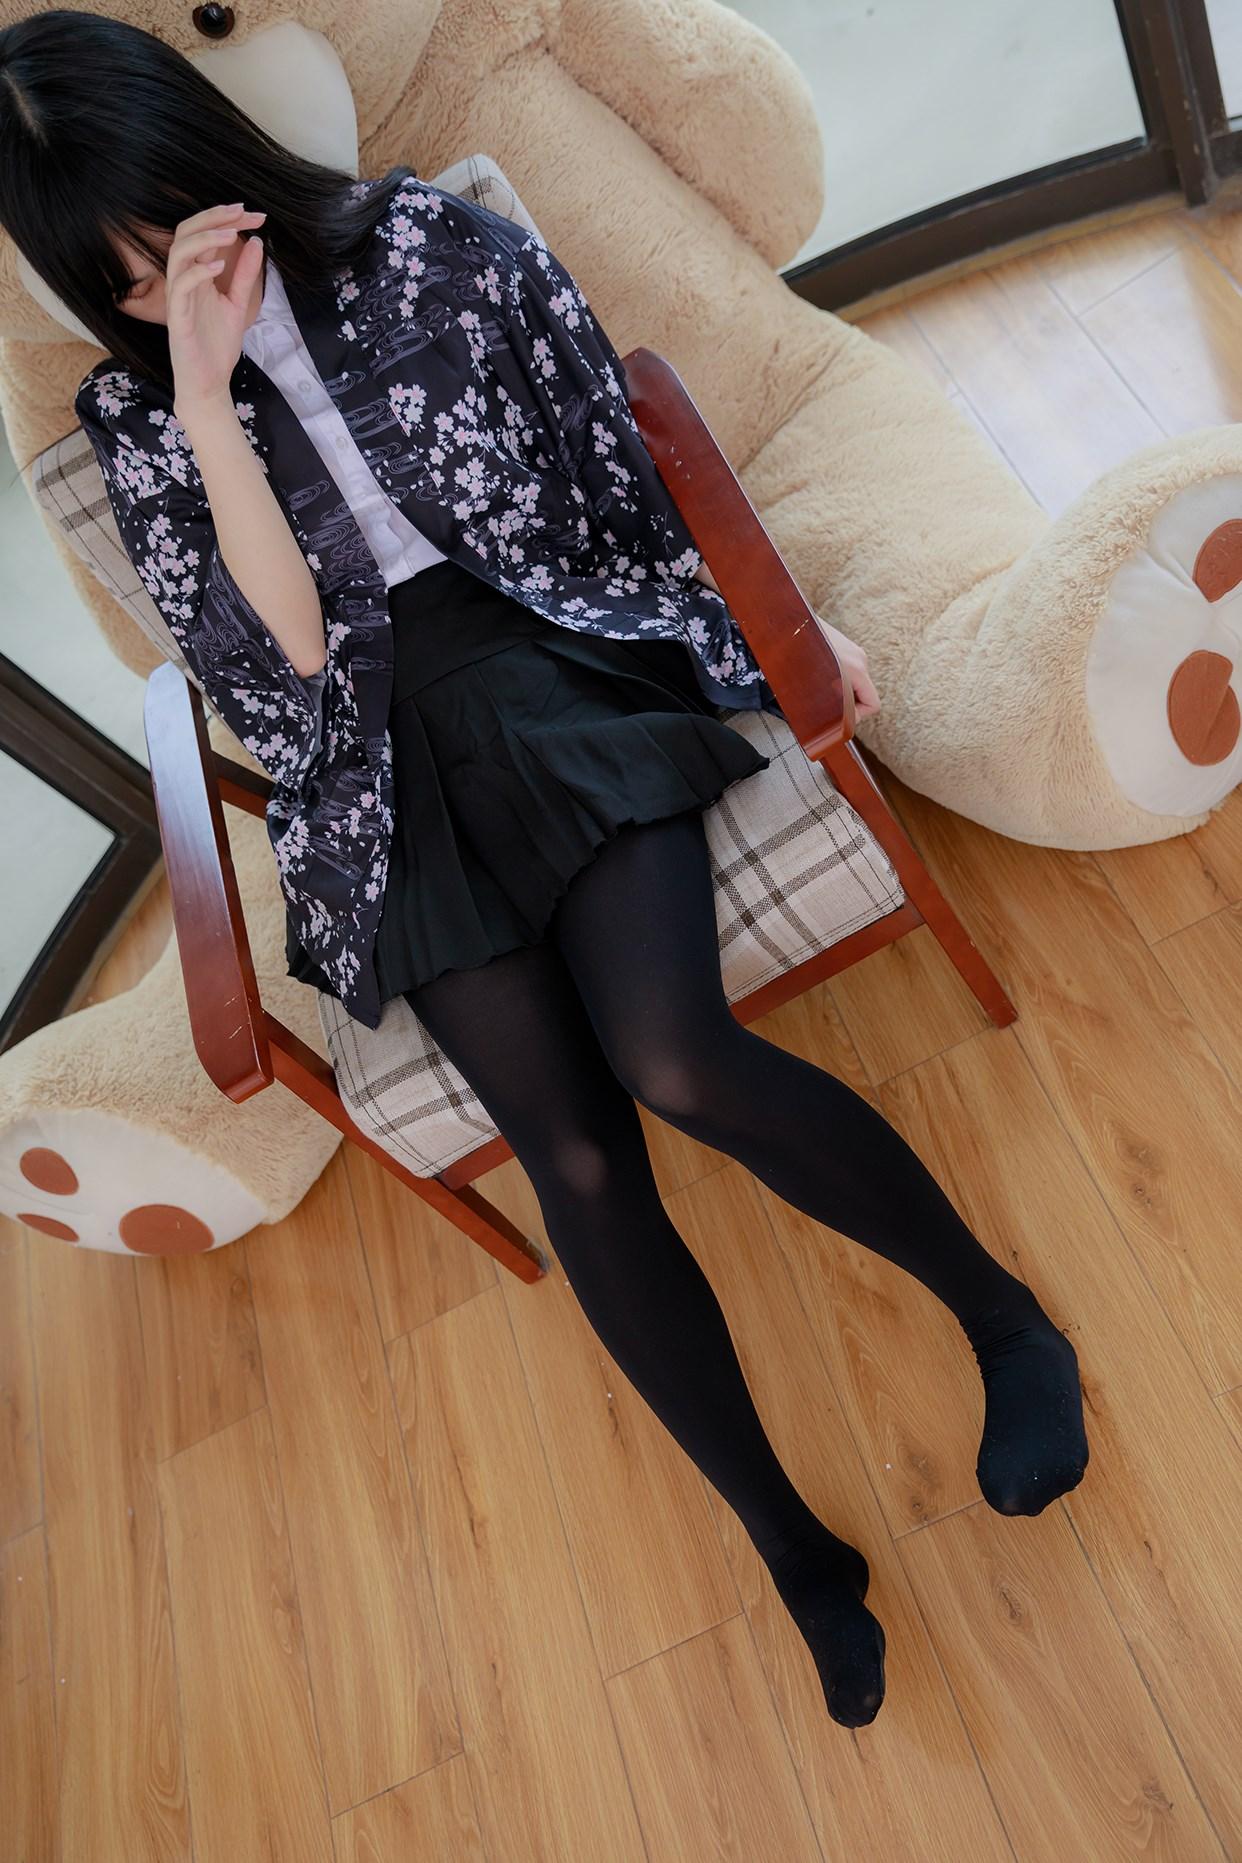 【兔玩映画】椅上的黑丝少女 兔玩映画 第7张